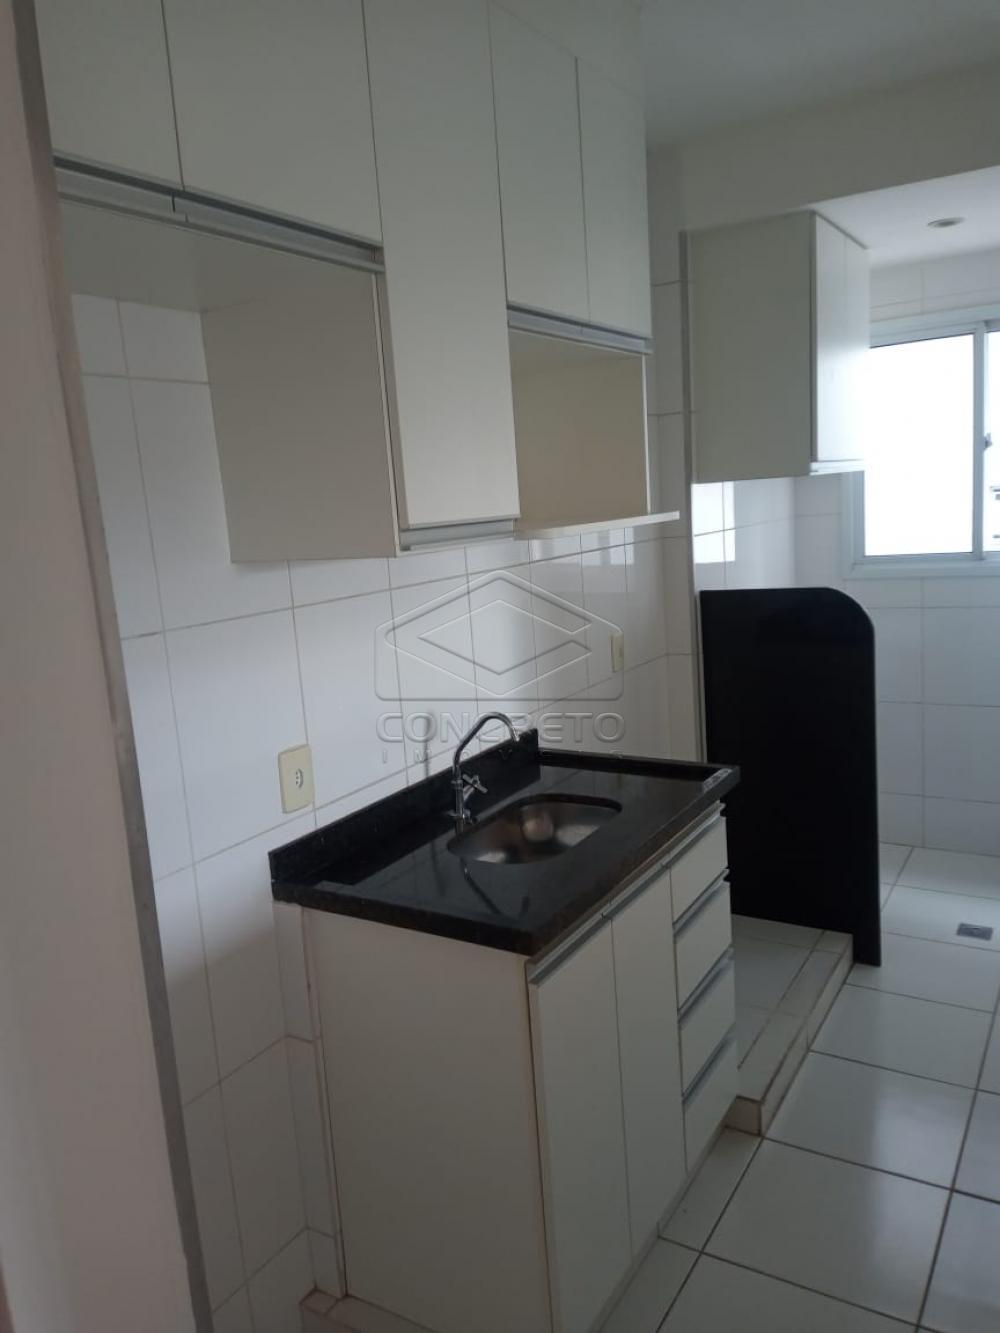 Alugar Apartamento / Padrão em Bauru apenas R$ 1.200,00 - Foto 18